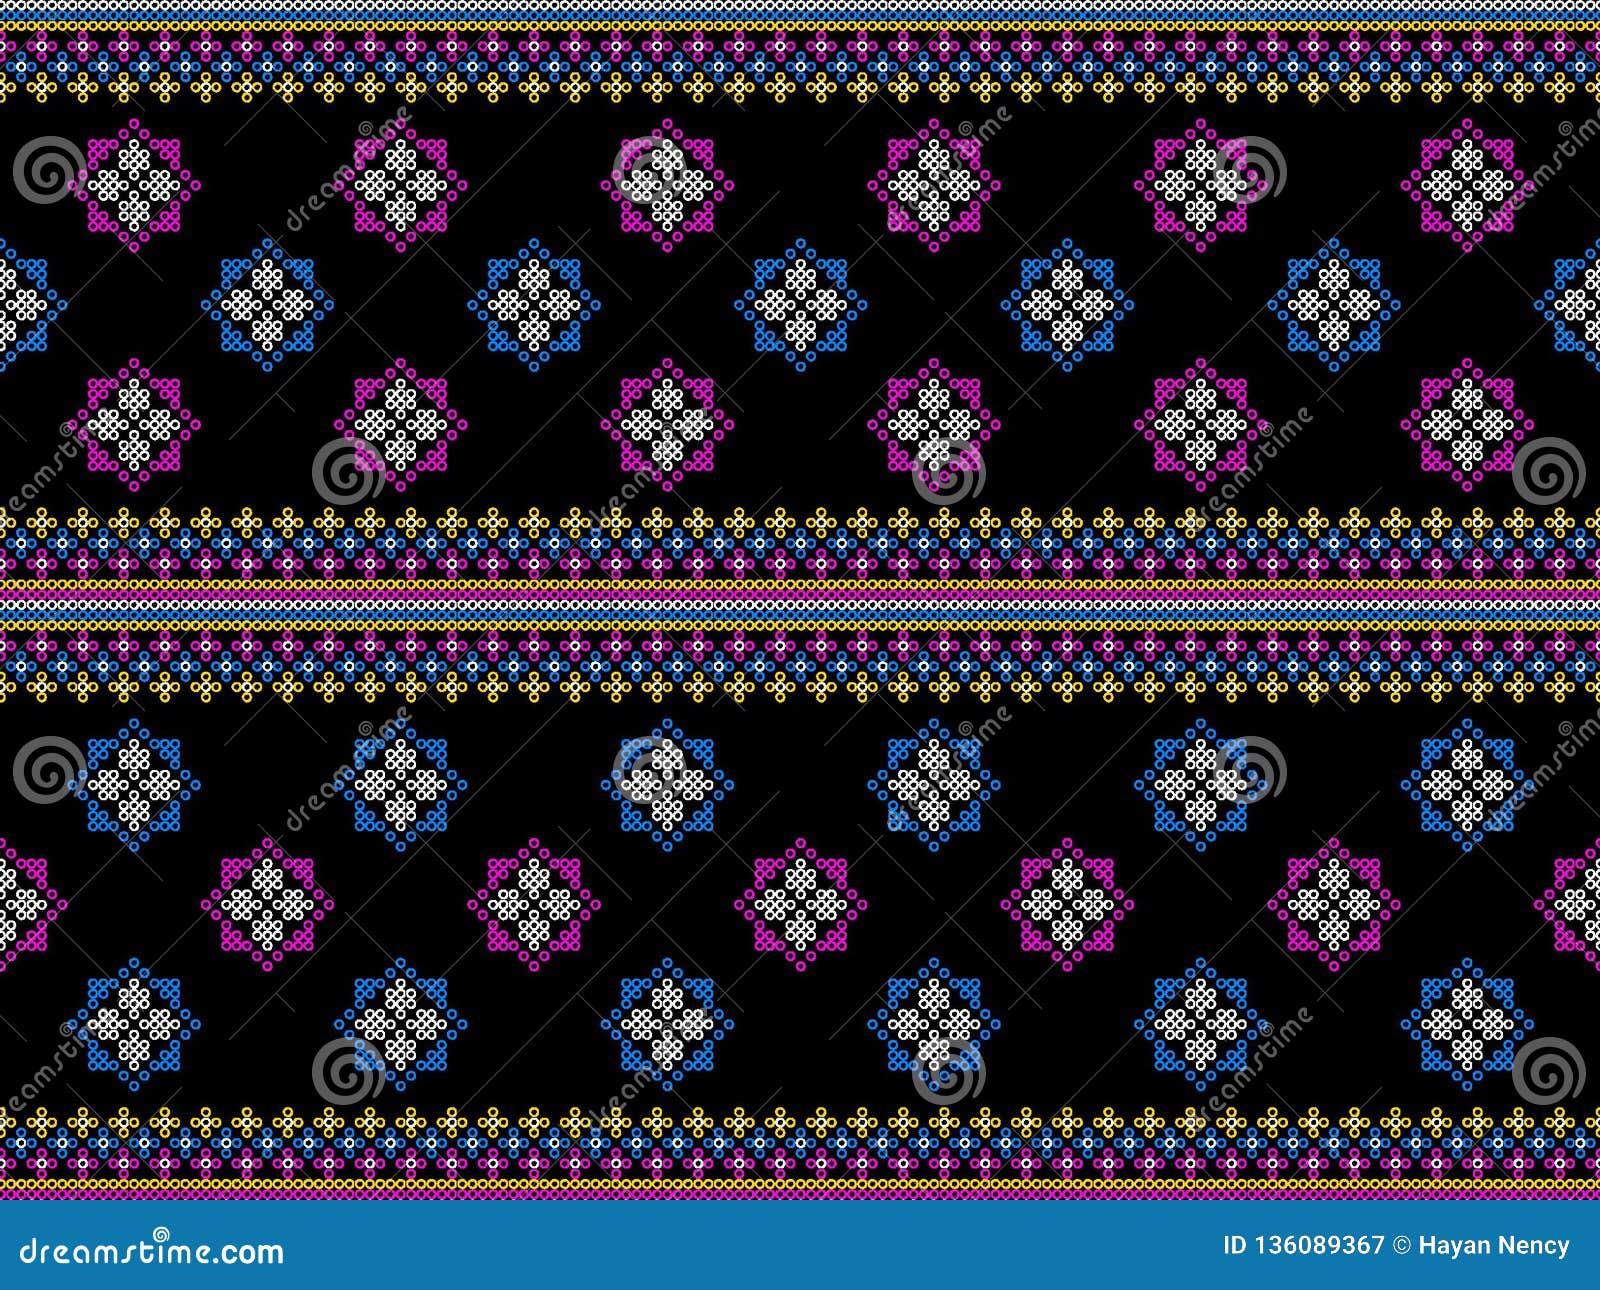 Γεωμετρικό εθνικό ασιατικό παραδοσιακό σχέδιο σχεδίων ikat για τον ιματισμό ταπετσαριών ταπήτων υποβάθρου